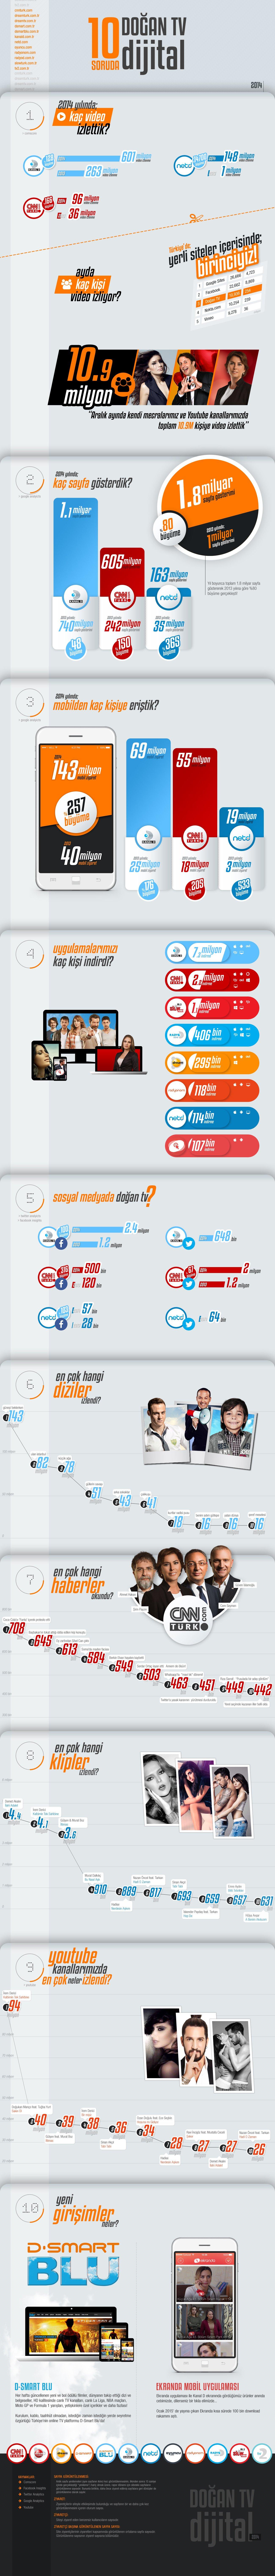 dogan-tv-dijital-infografik